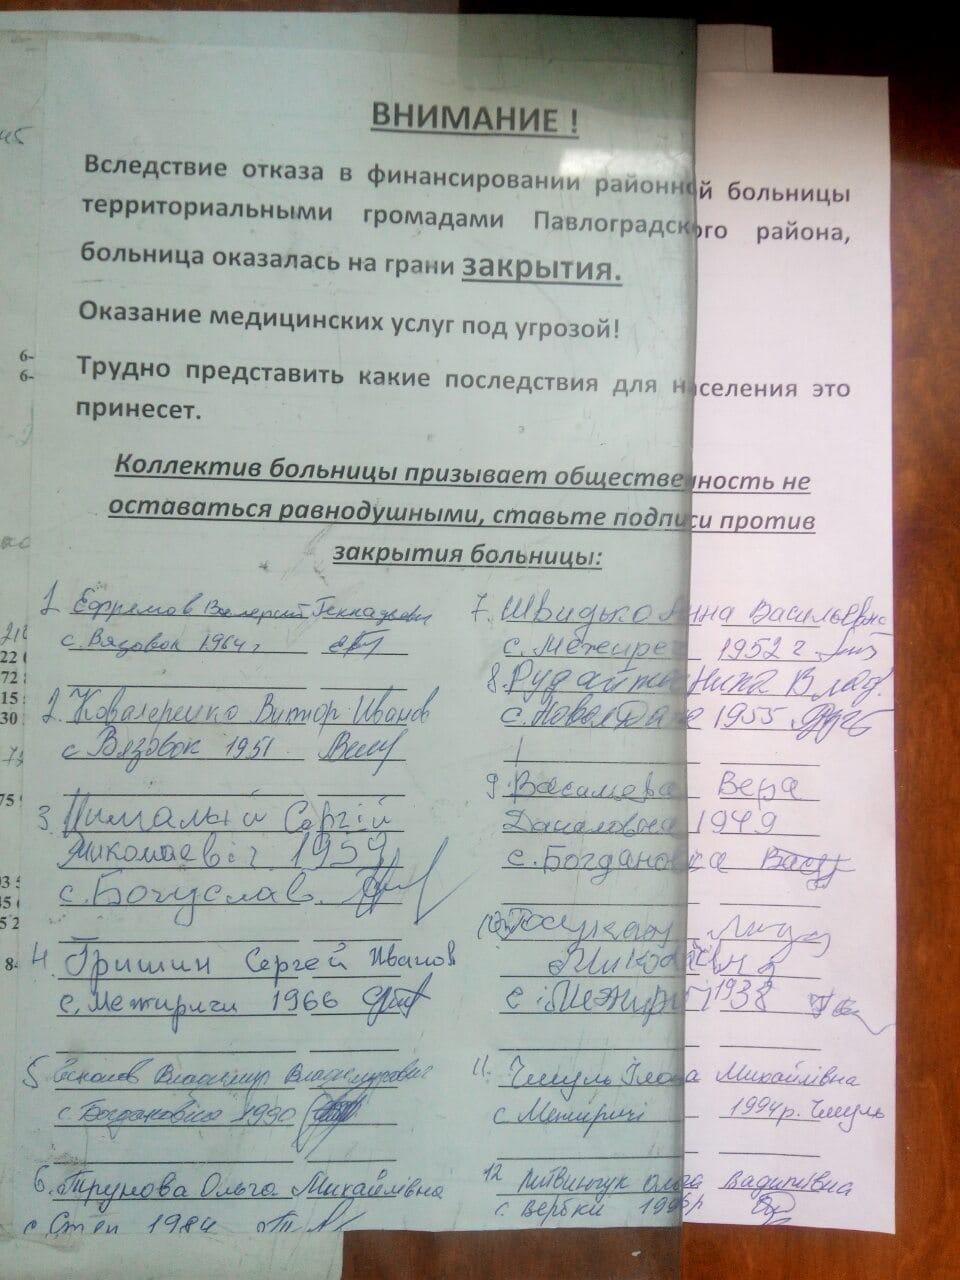 Коллектив Павлоградской райбольницы собирает подписи против ее закрытия